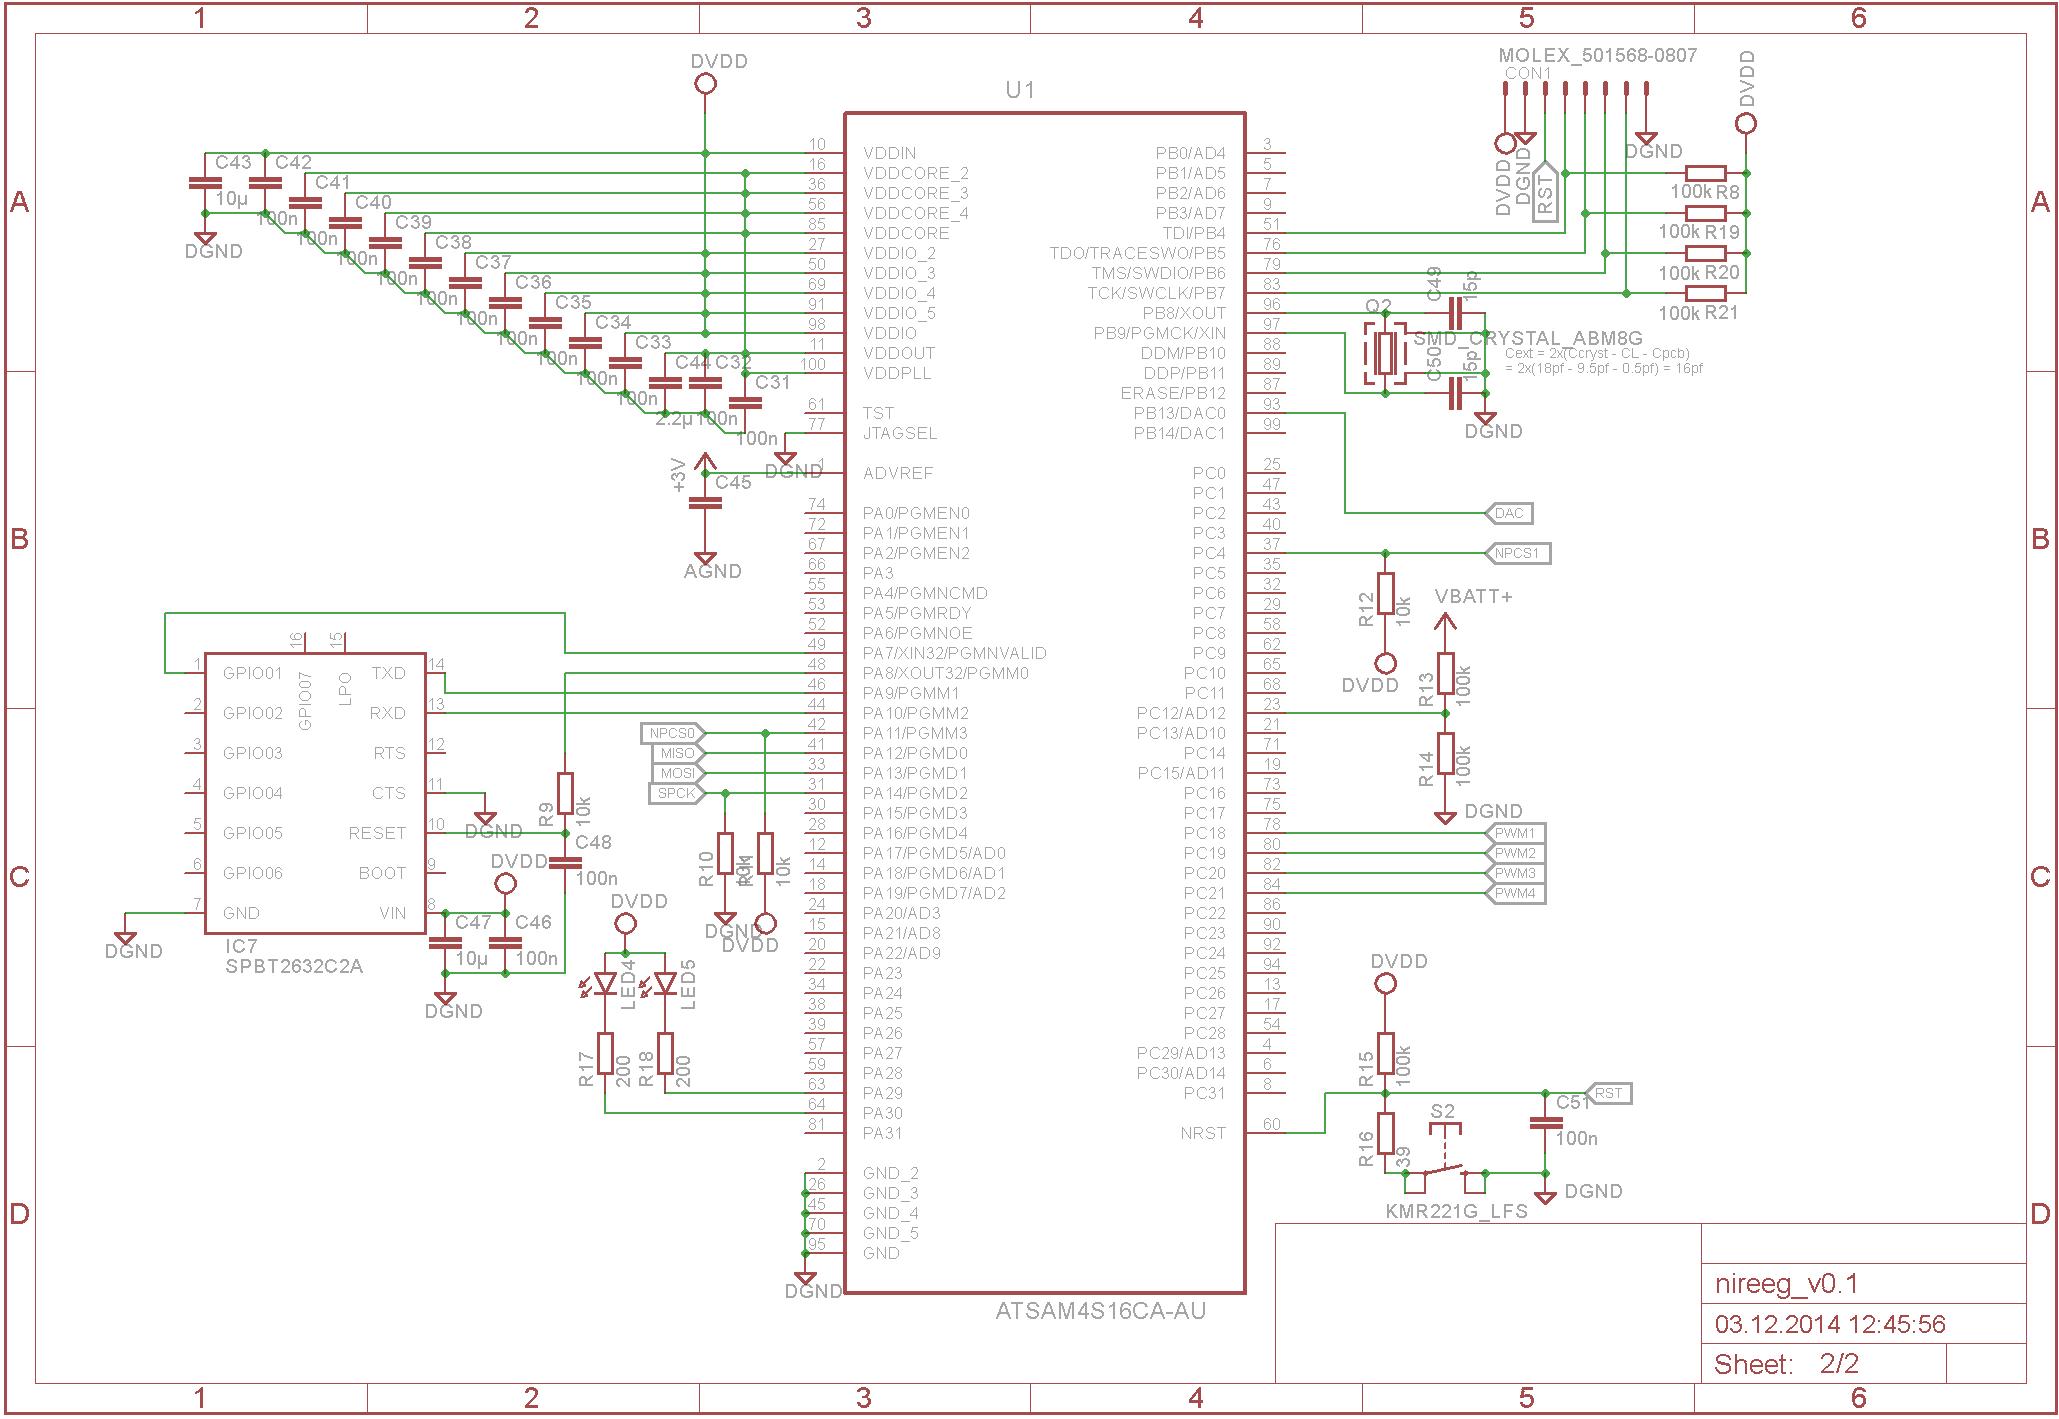 Ungewöhnlich Dp Schaltplan Ideen - Der Schaltplan - triangre.info